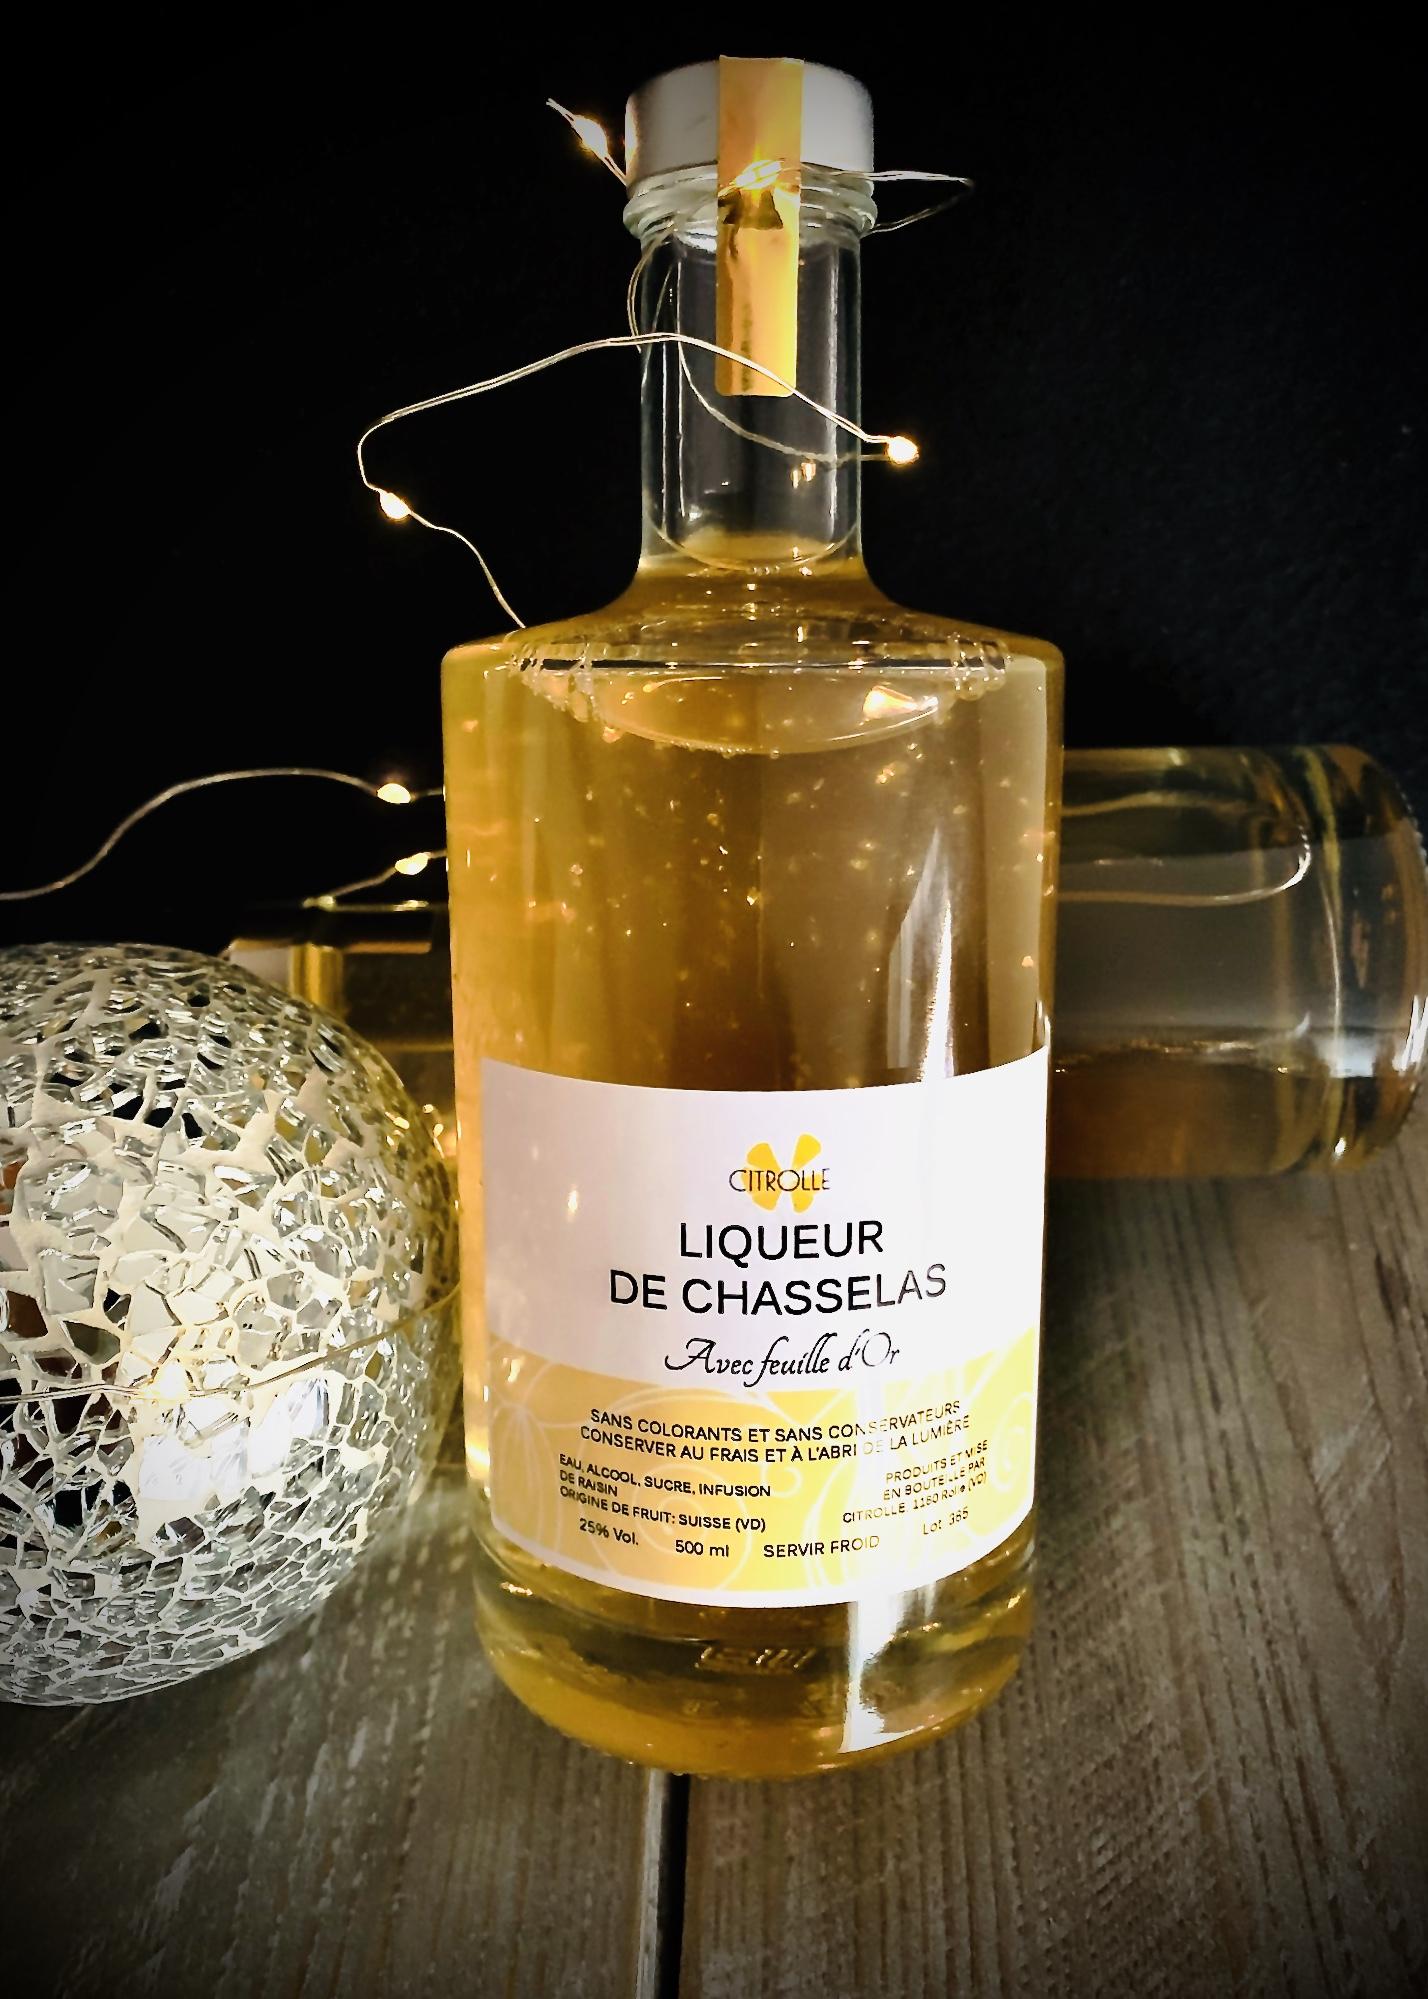 Liqueur de Chasselas avec feuille d'or